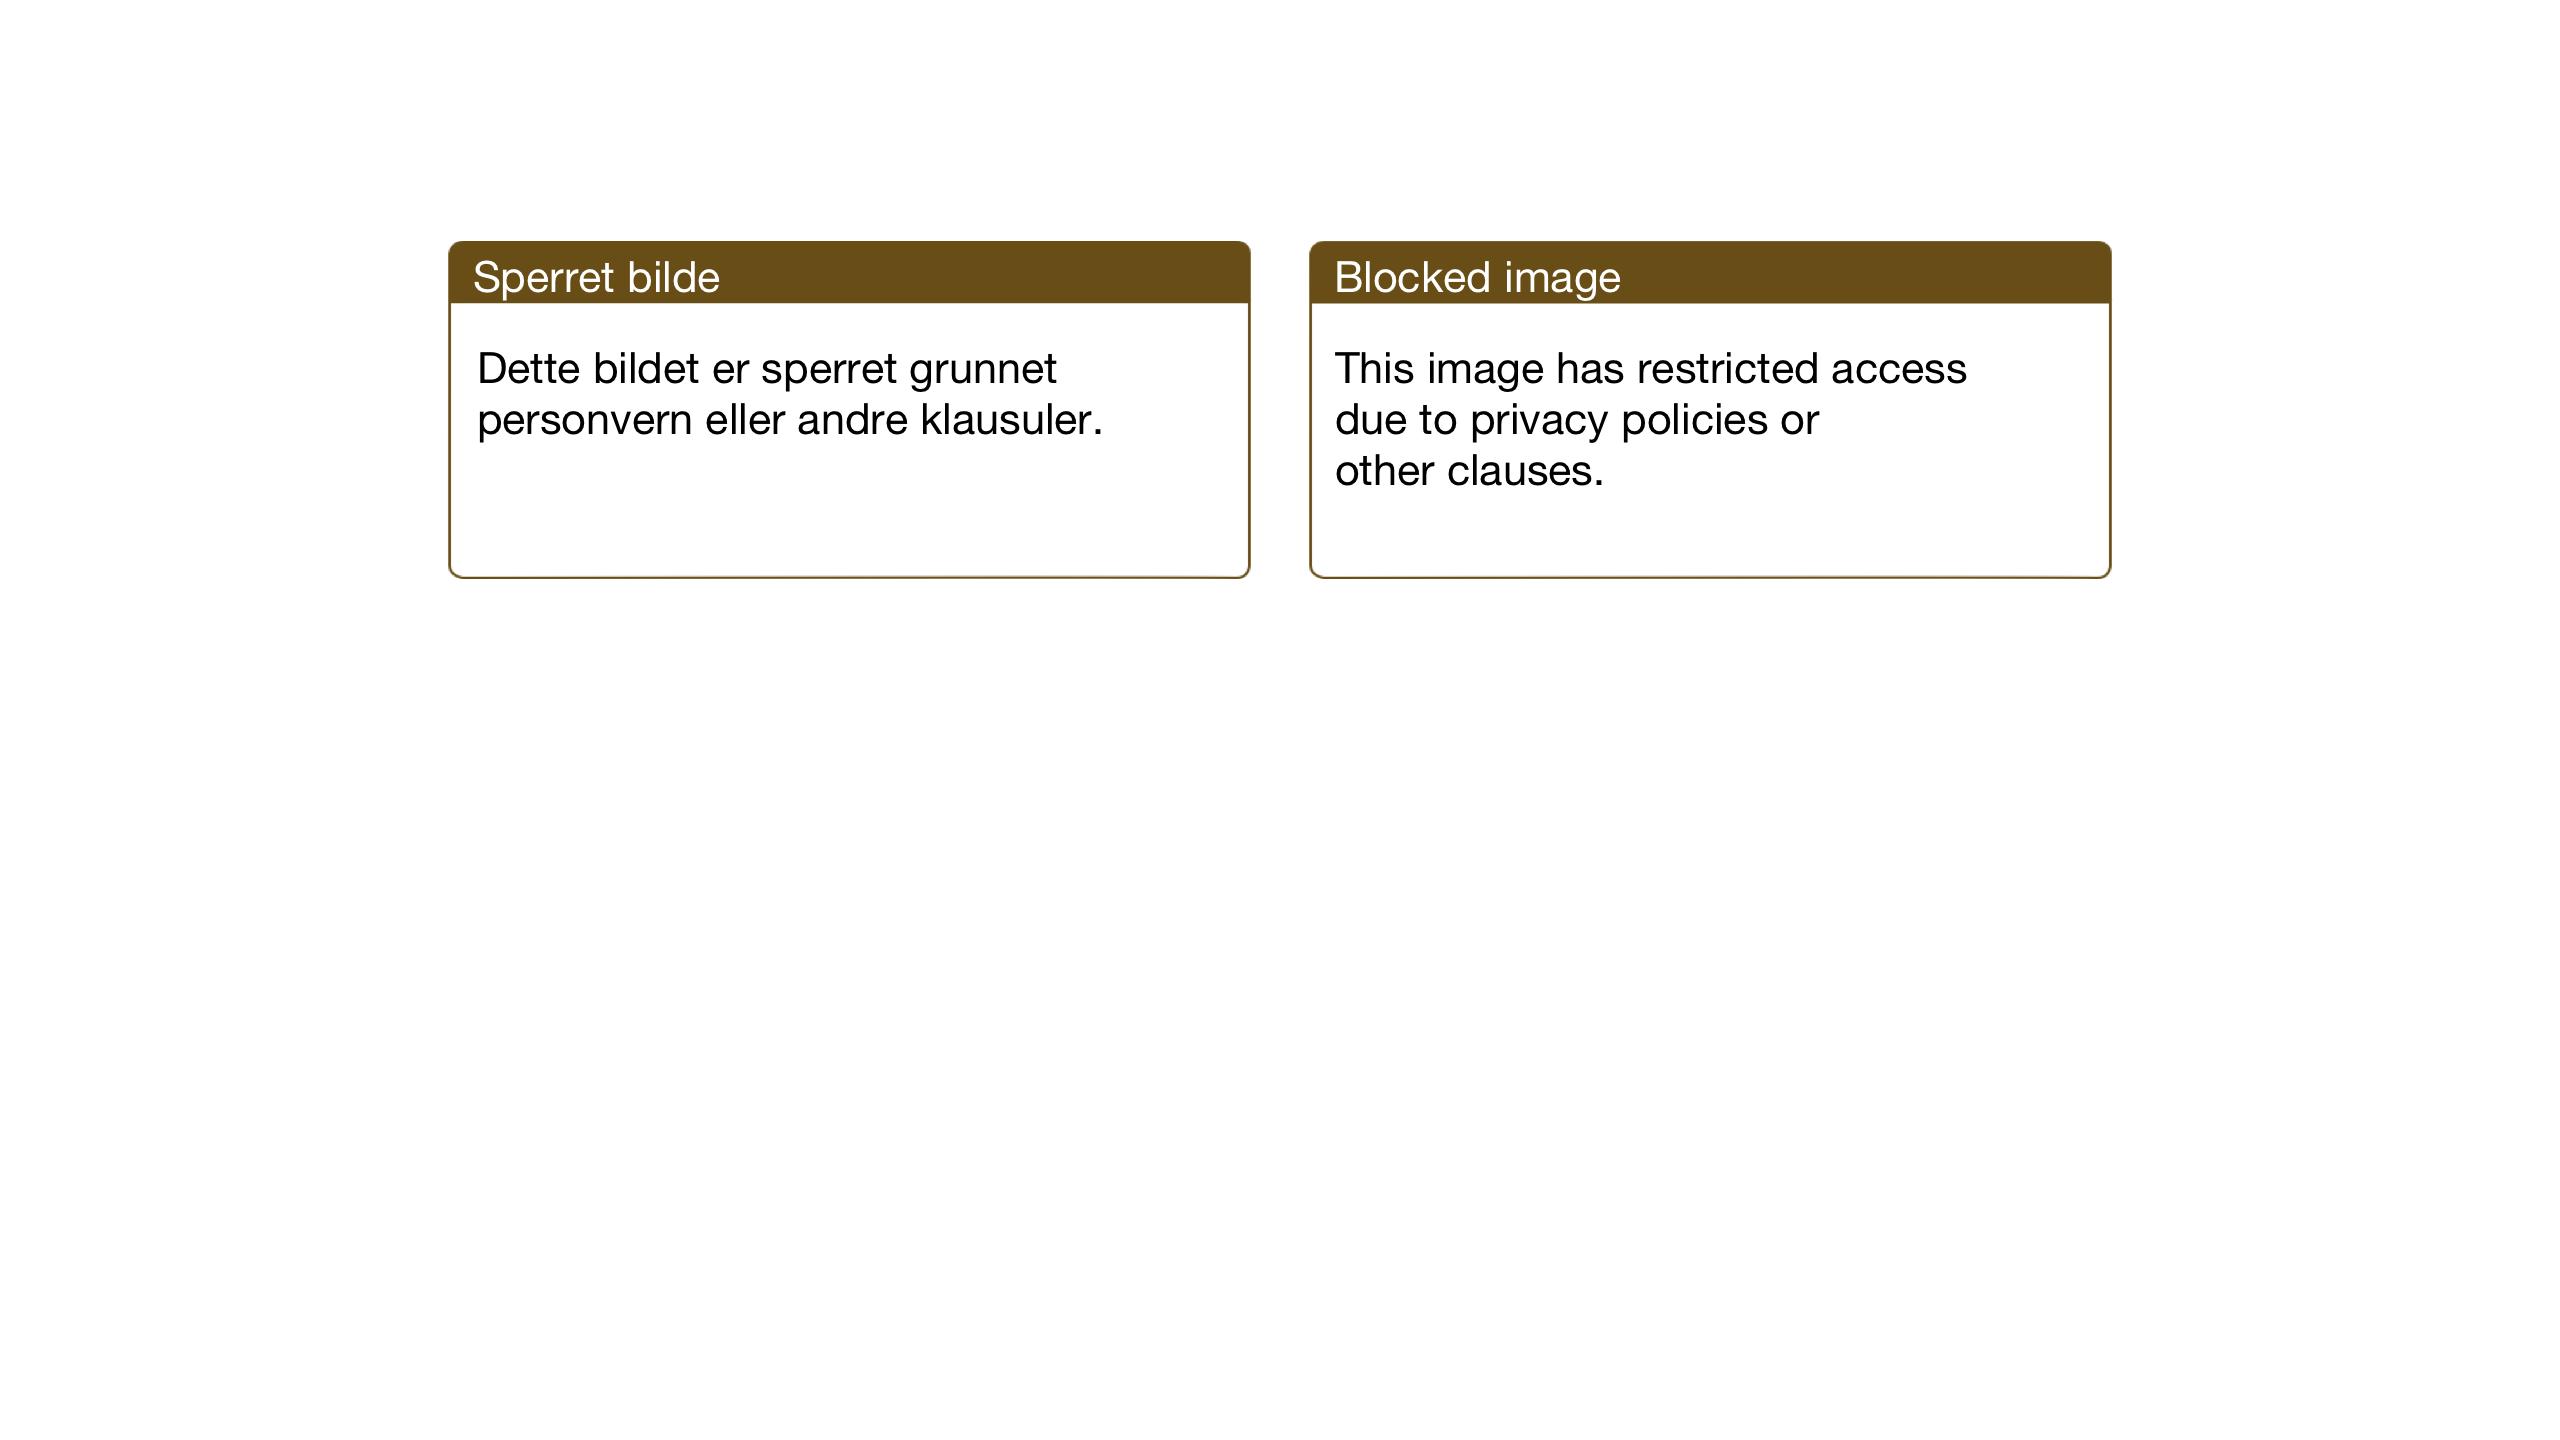 SAT, Ministerialprotokoller, klokkerbøker og fødselsregistre - Nord-Trøndelag, 748/L0465: Klokkerbok nr. 748C01, 1908-1960, s. 33